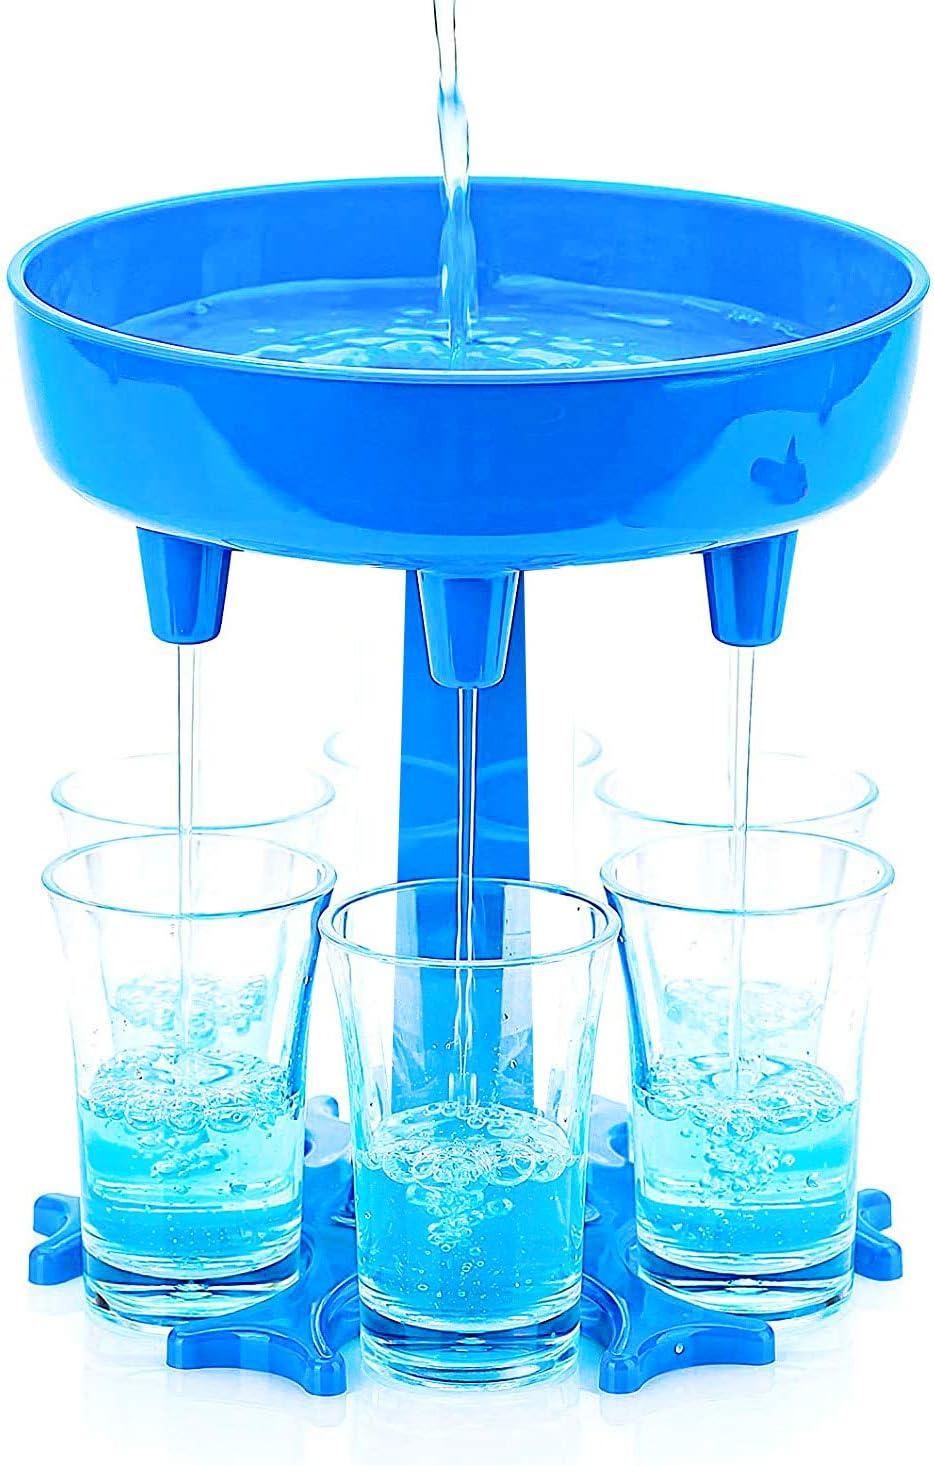 CNXUS Dispensador de 6 Vasos de chupito y Soporte - Dispensador para llenar líquidos, Dispensador de chupitos, Dispensador de 6 chupitos múltiple, Dispensador de chupito de Barra